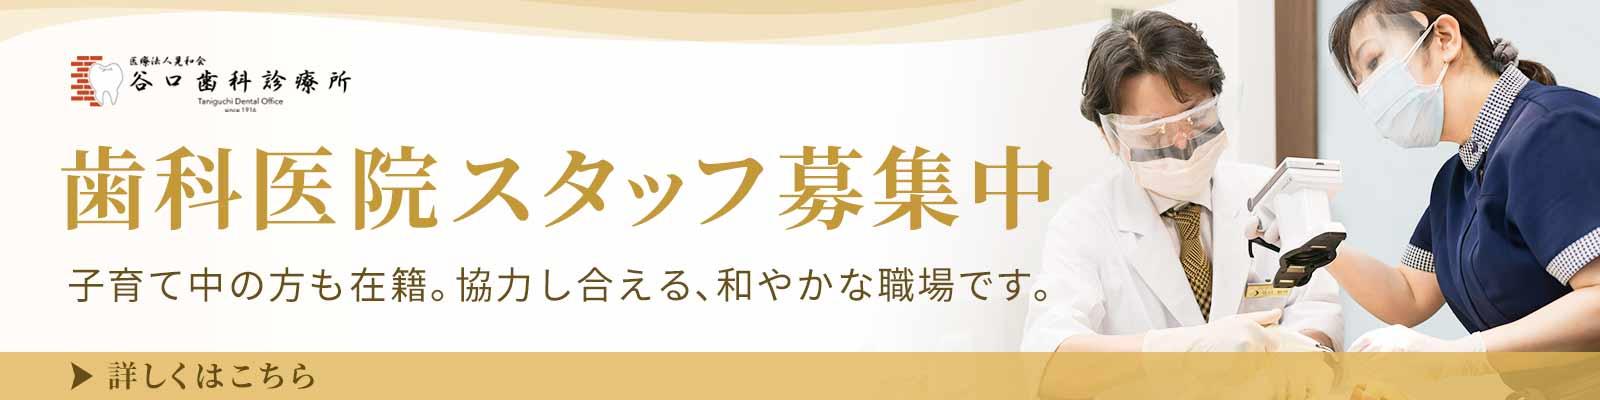 札幌市 中央区 谷口歯科診療所 求人情報